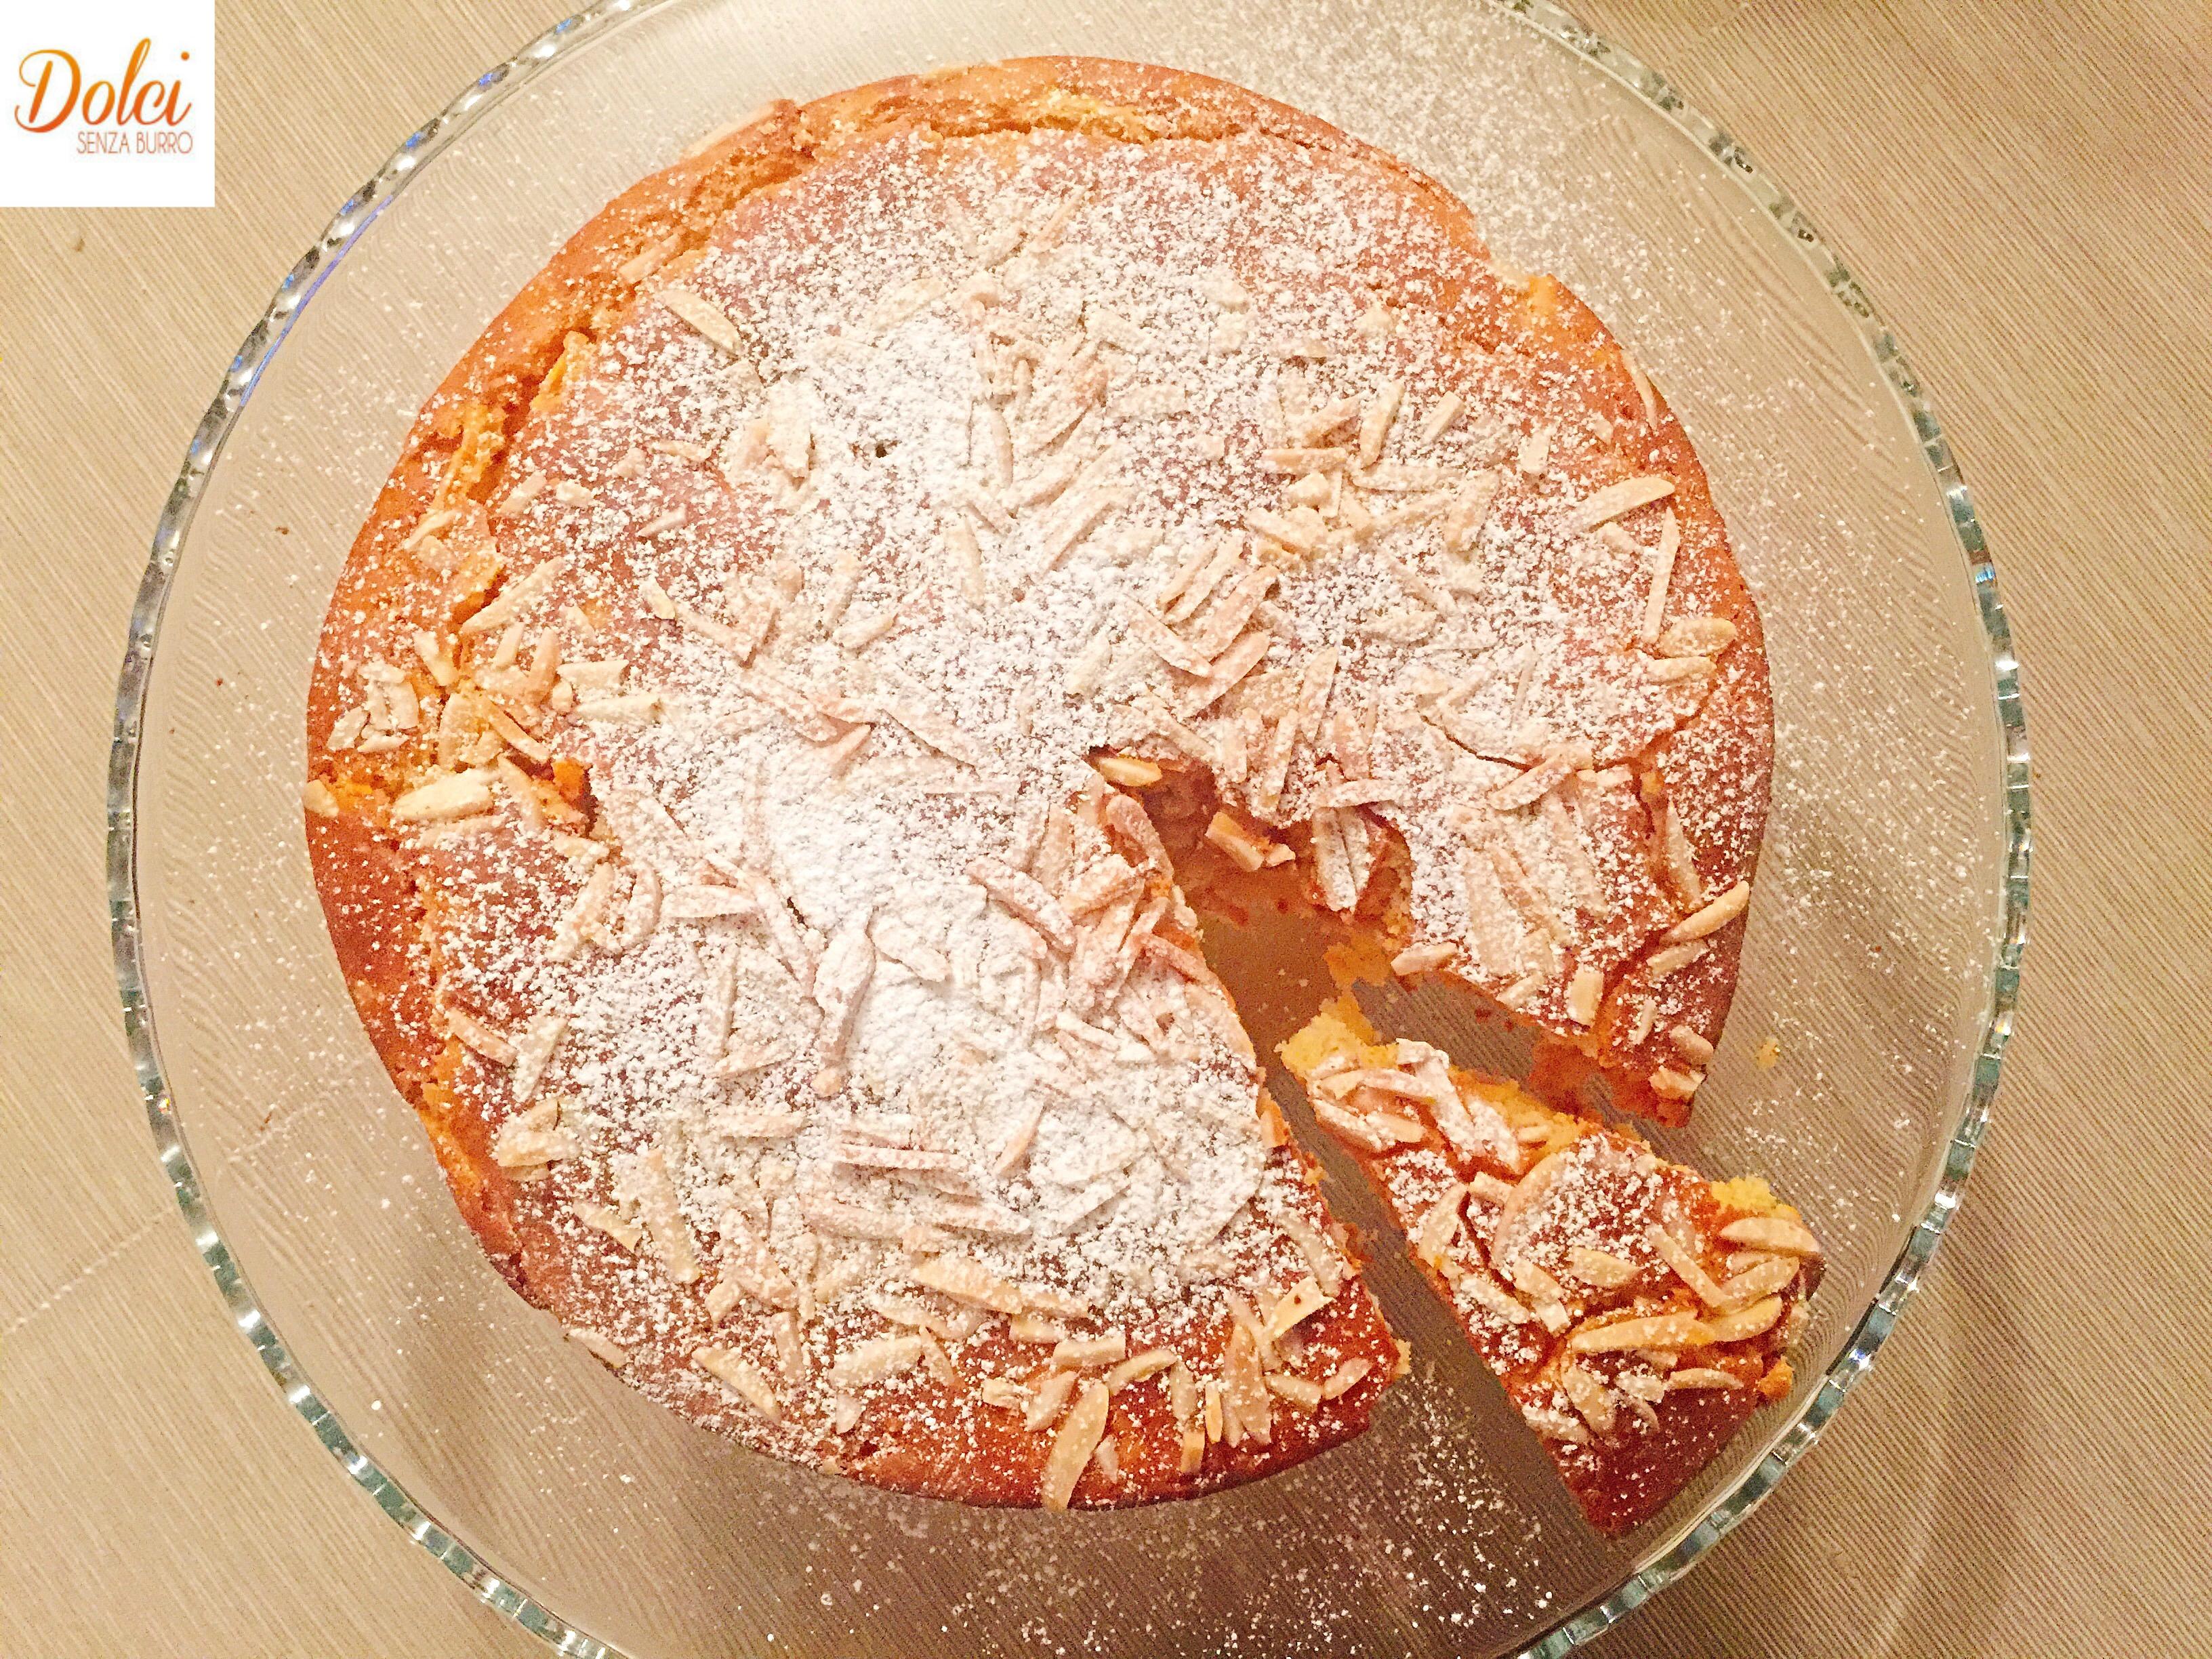 Torta di Carote Senza Uova e Burro , un dolce leggero dal sapore delicato avvolgente e goloso di dolci senza burro